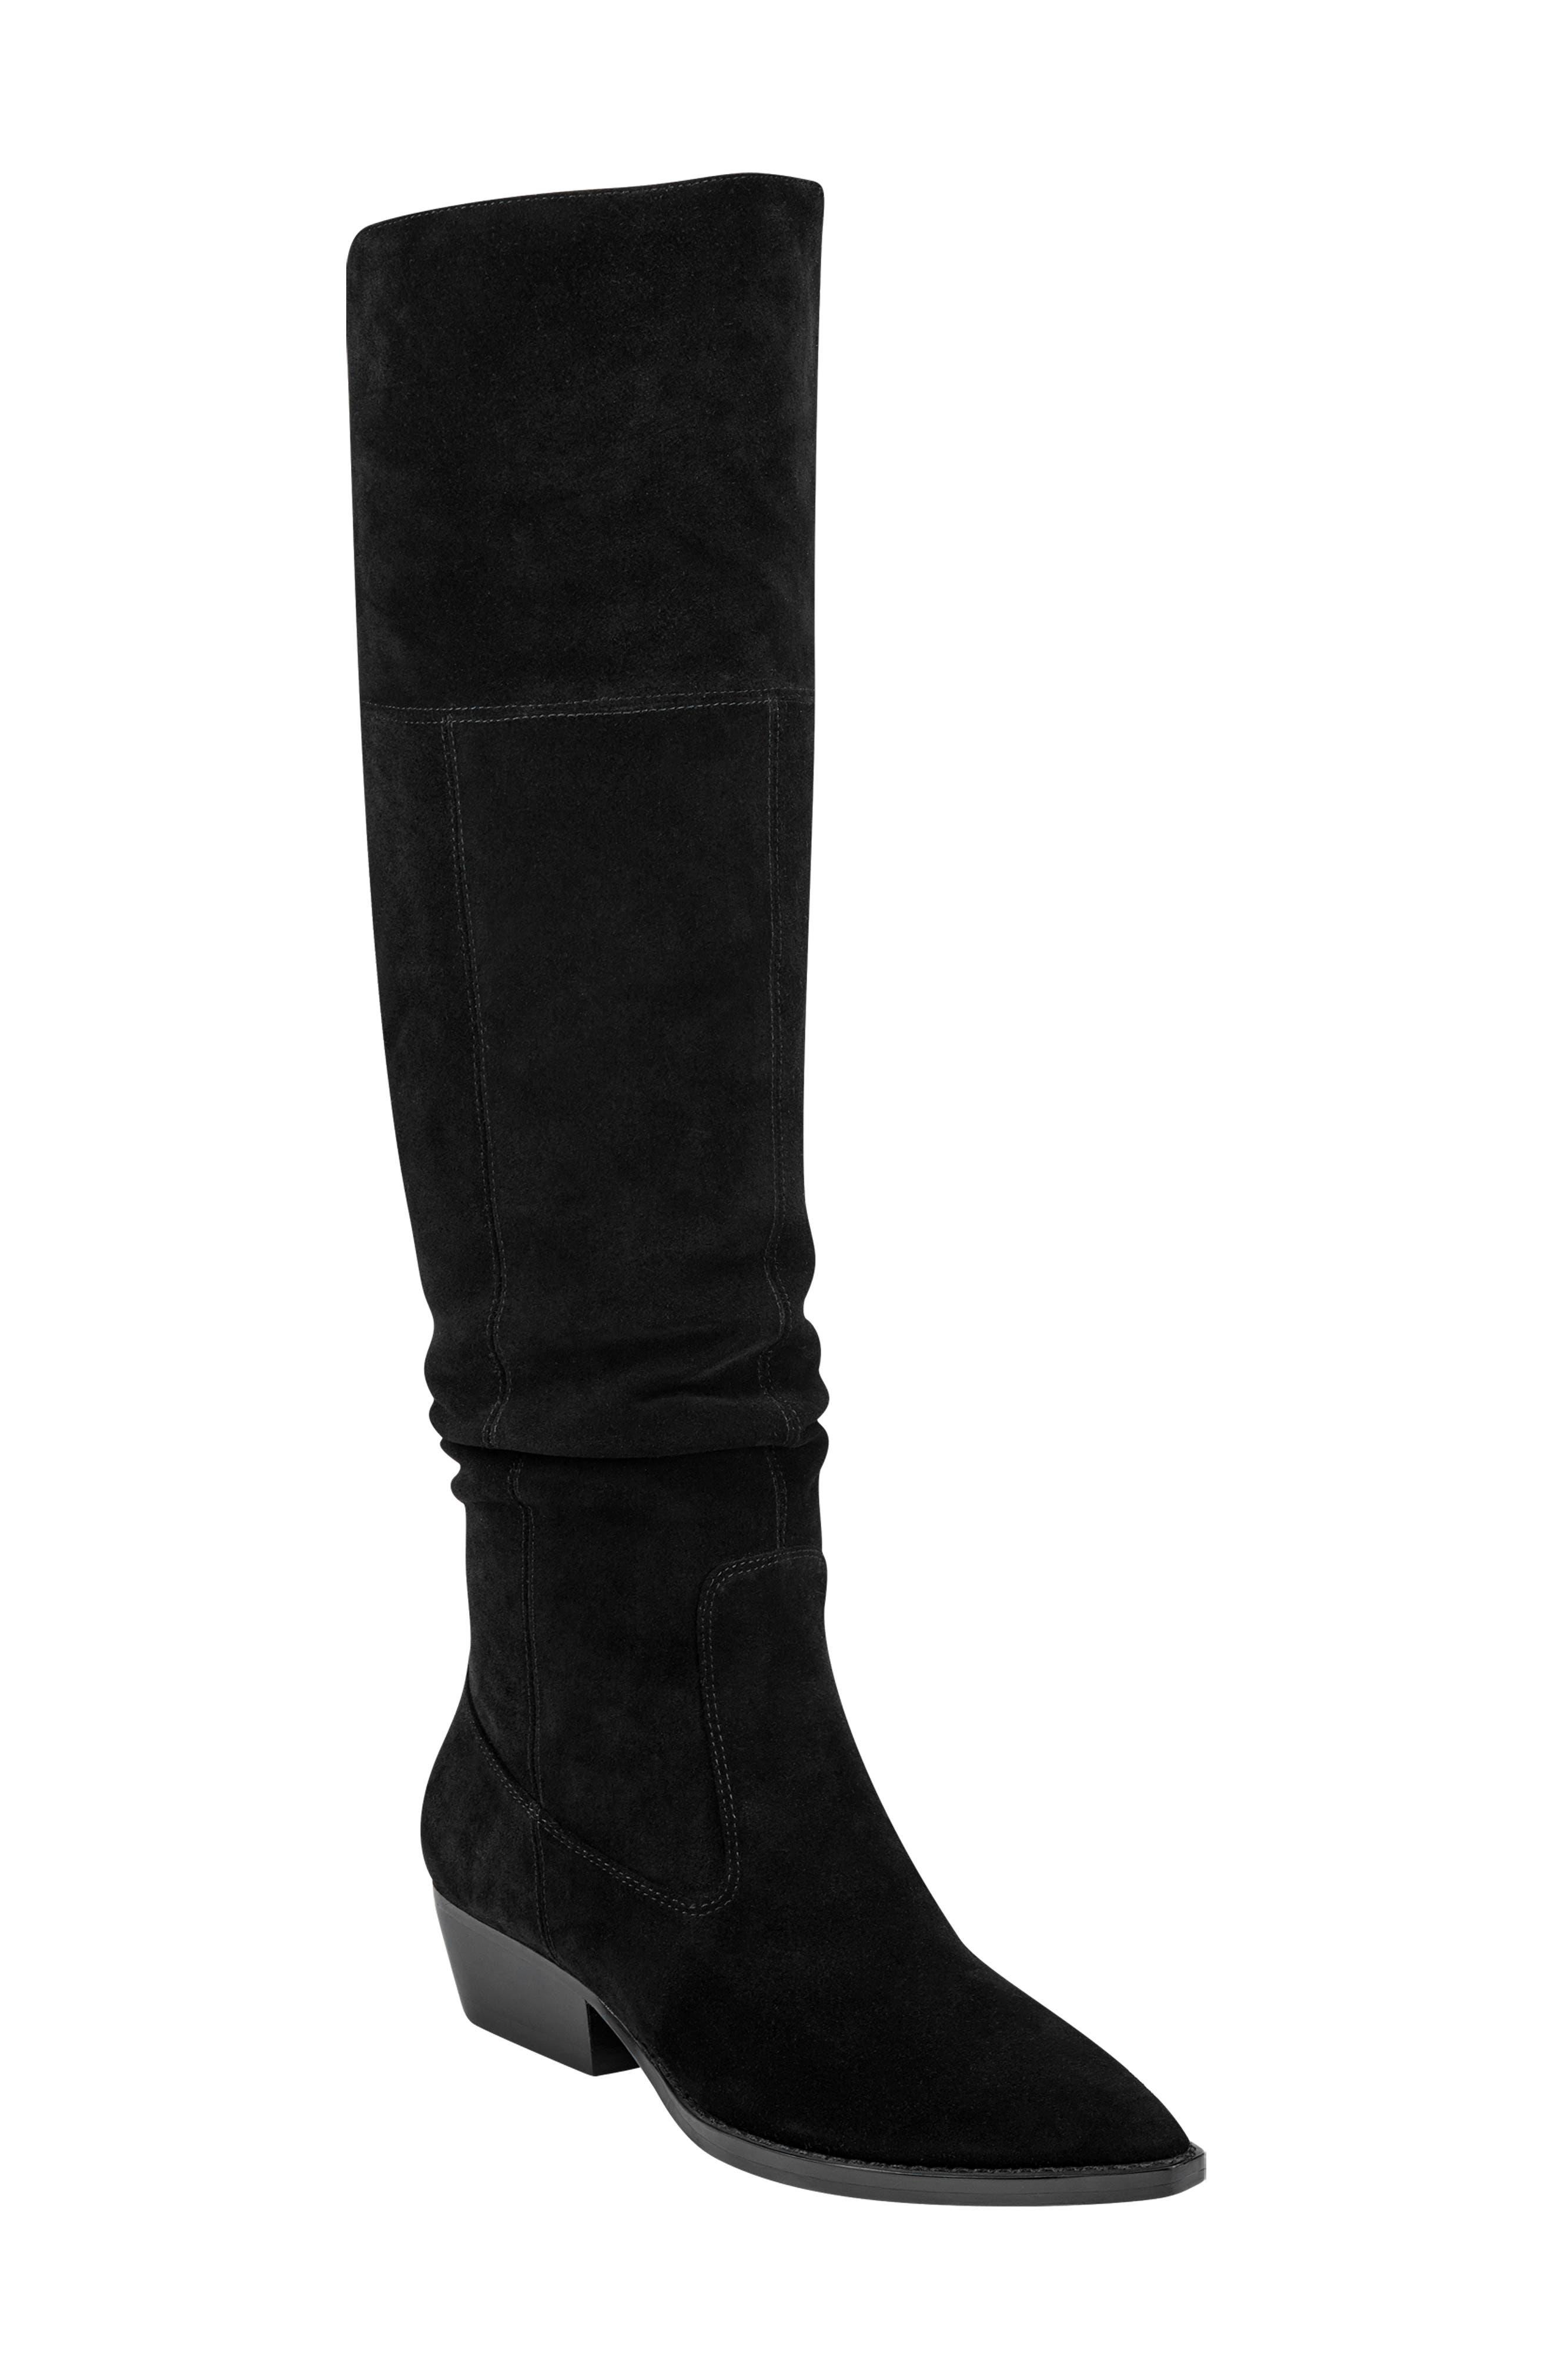 Women's Over-the-Knee Boots \u0026 Booties